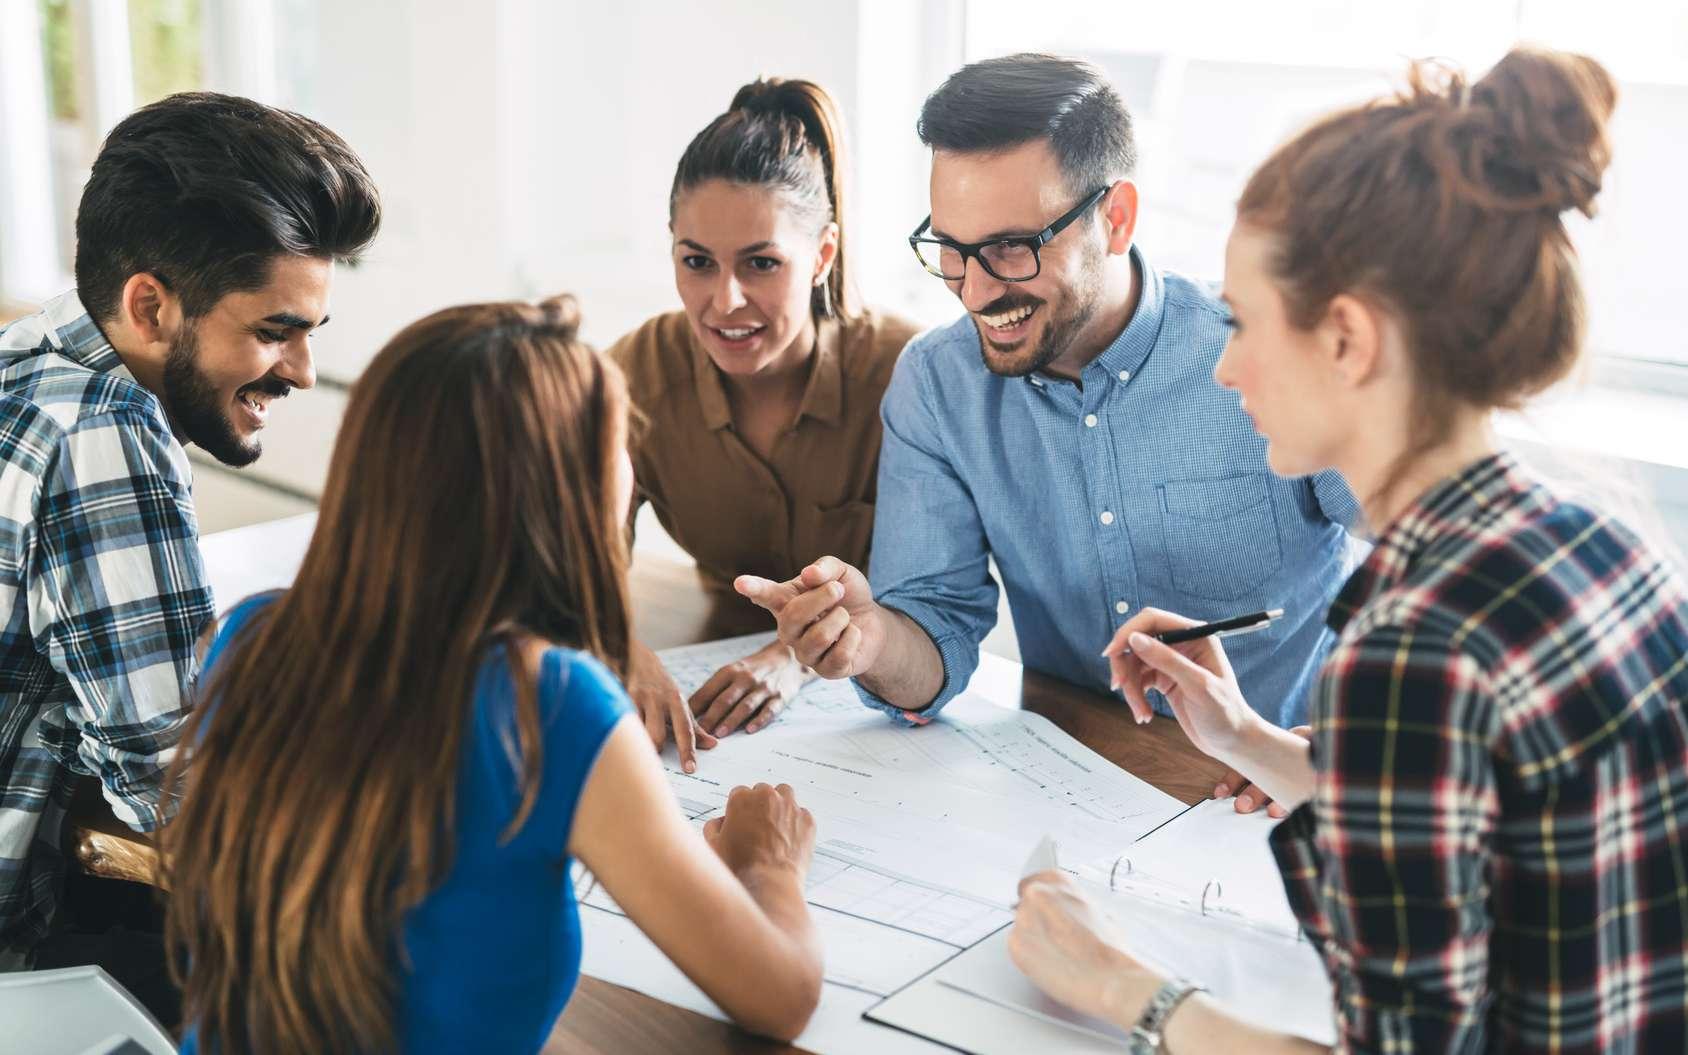 Les compétences comportementales, en particulier la façon de se comporter en équipe, sont aujourd'hui prises en compte par les entreprises pour le recrutement et pour l'évolution des parcours internes. © nd3000, Fotolia